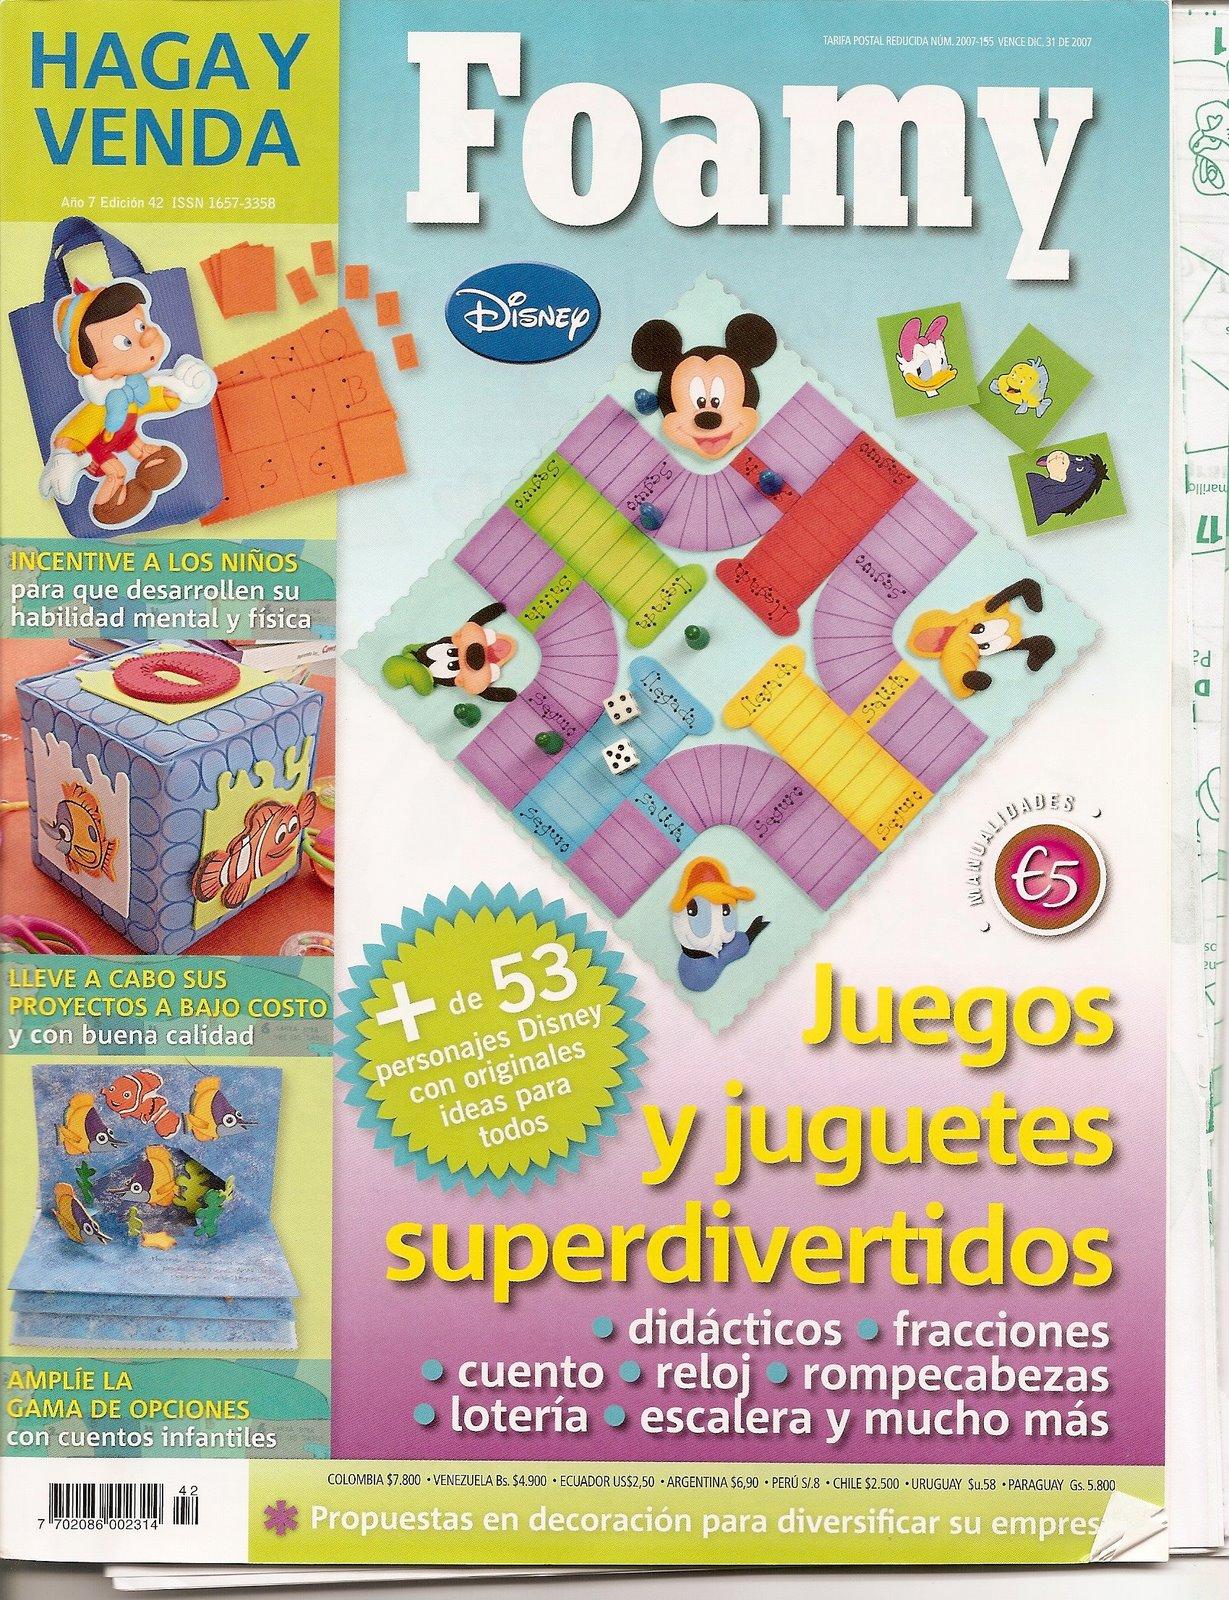 FOAMY  Juegos Y Juguetes Superdivertidos